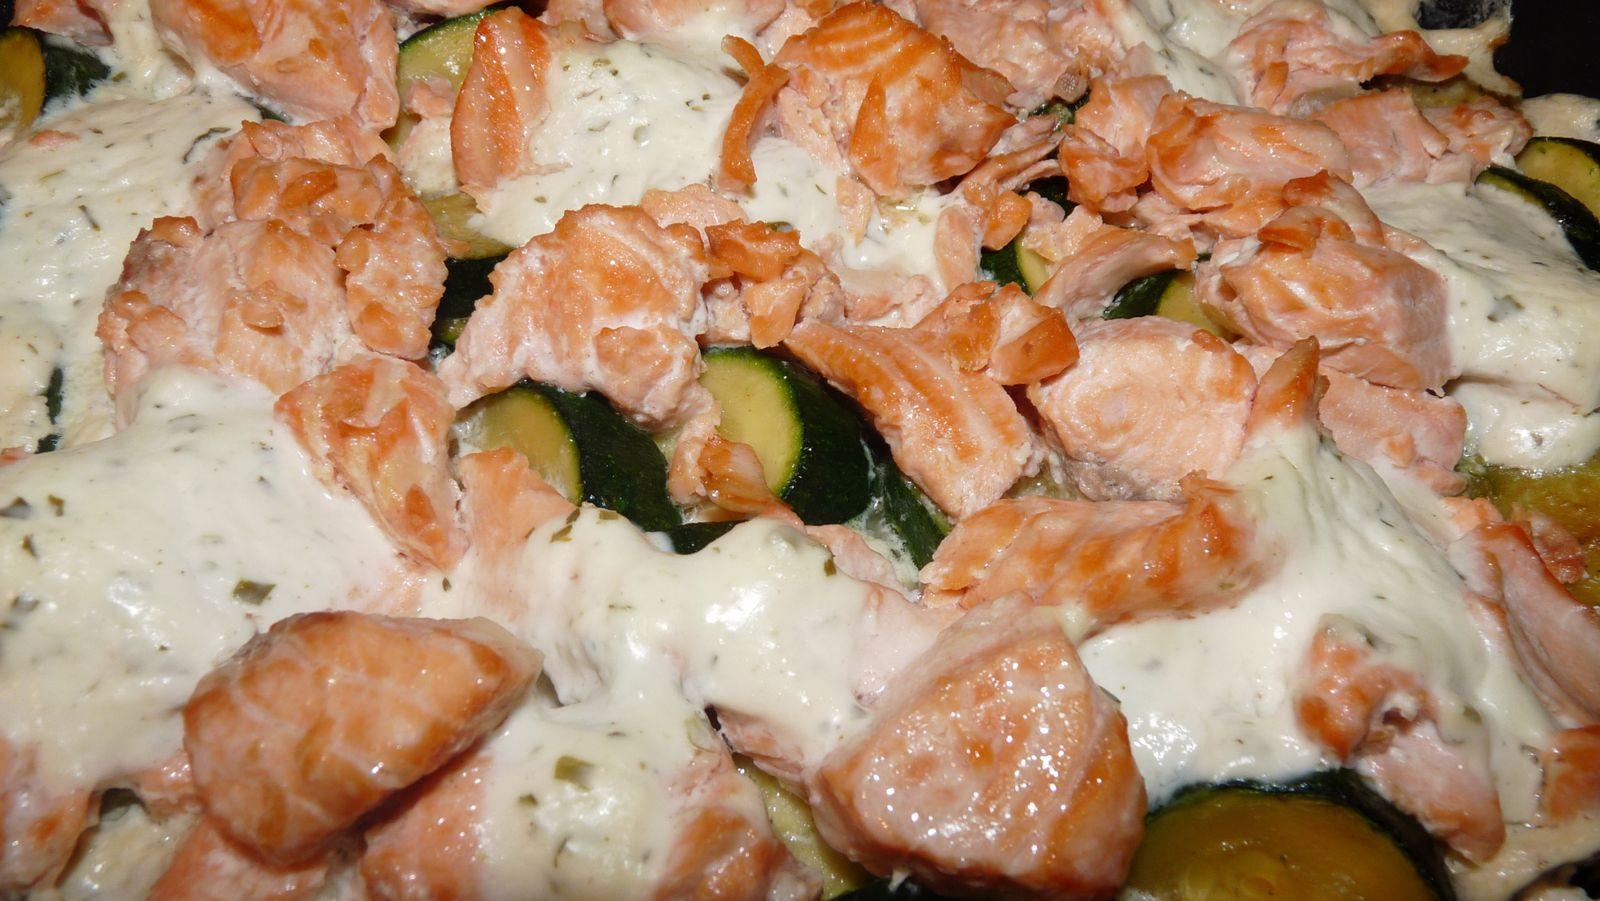 Gratin courgettes saumon au boursin